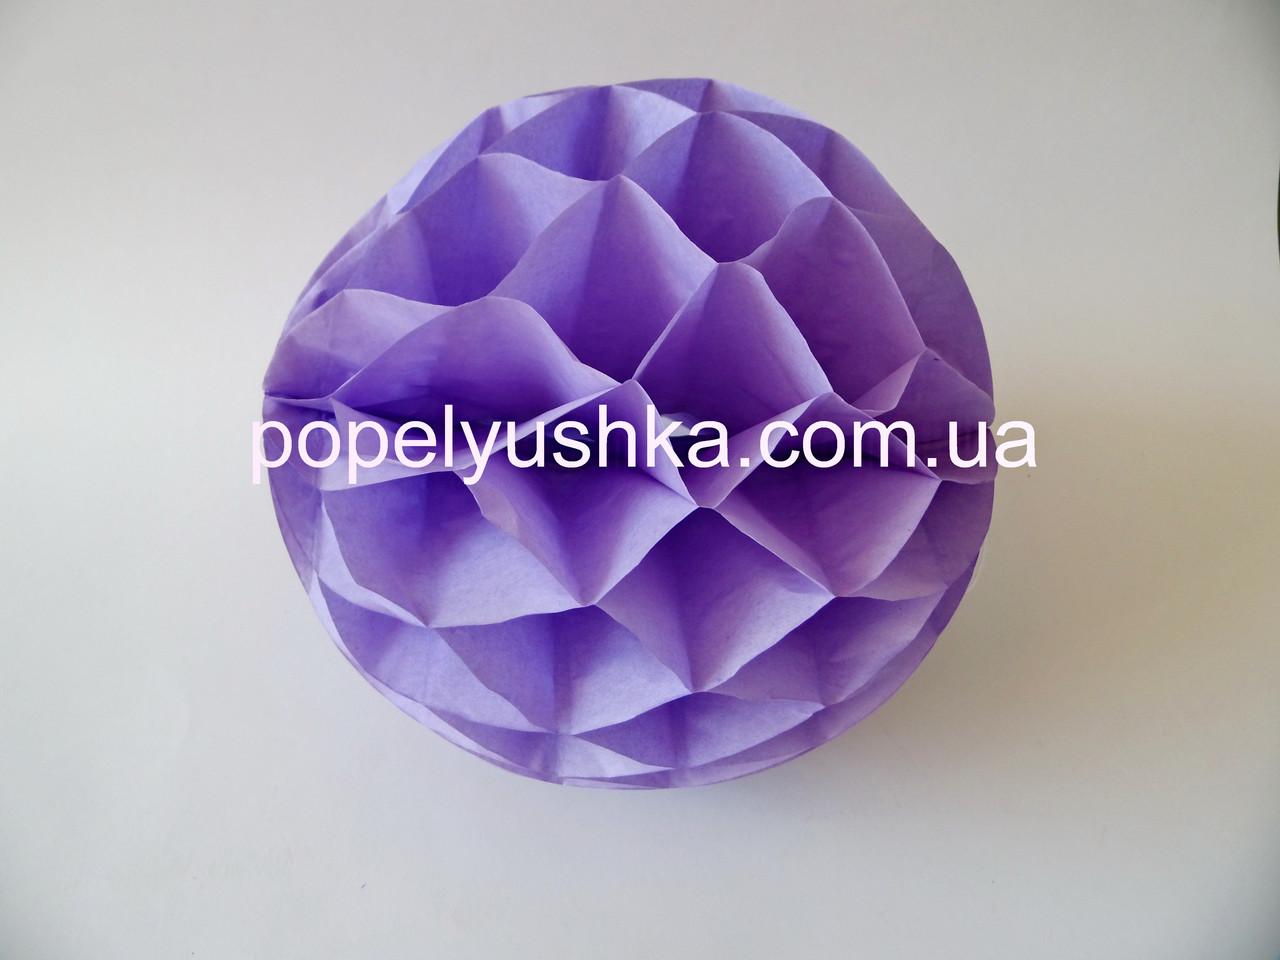 Кулька -сотм 30см. Фіолетовий